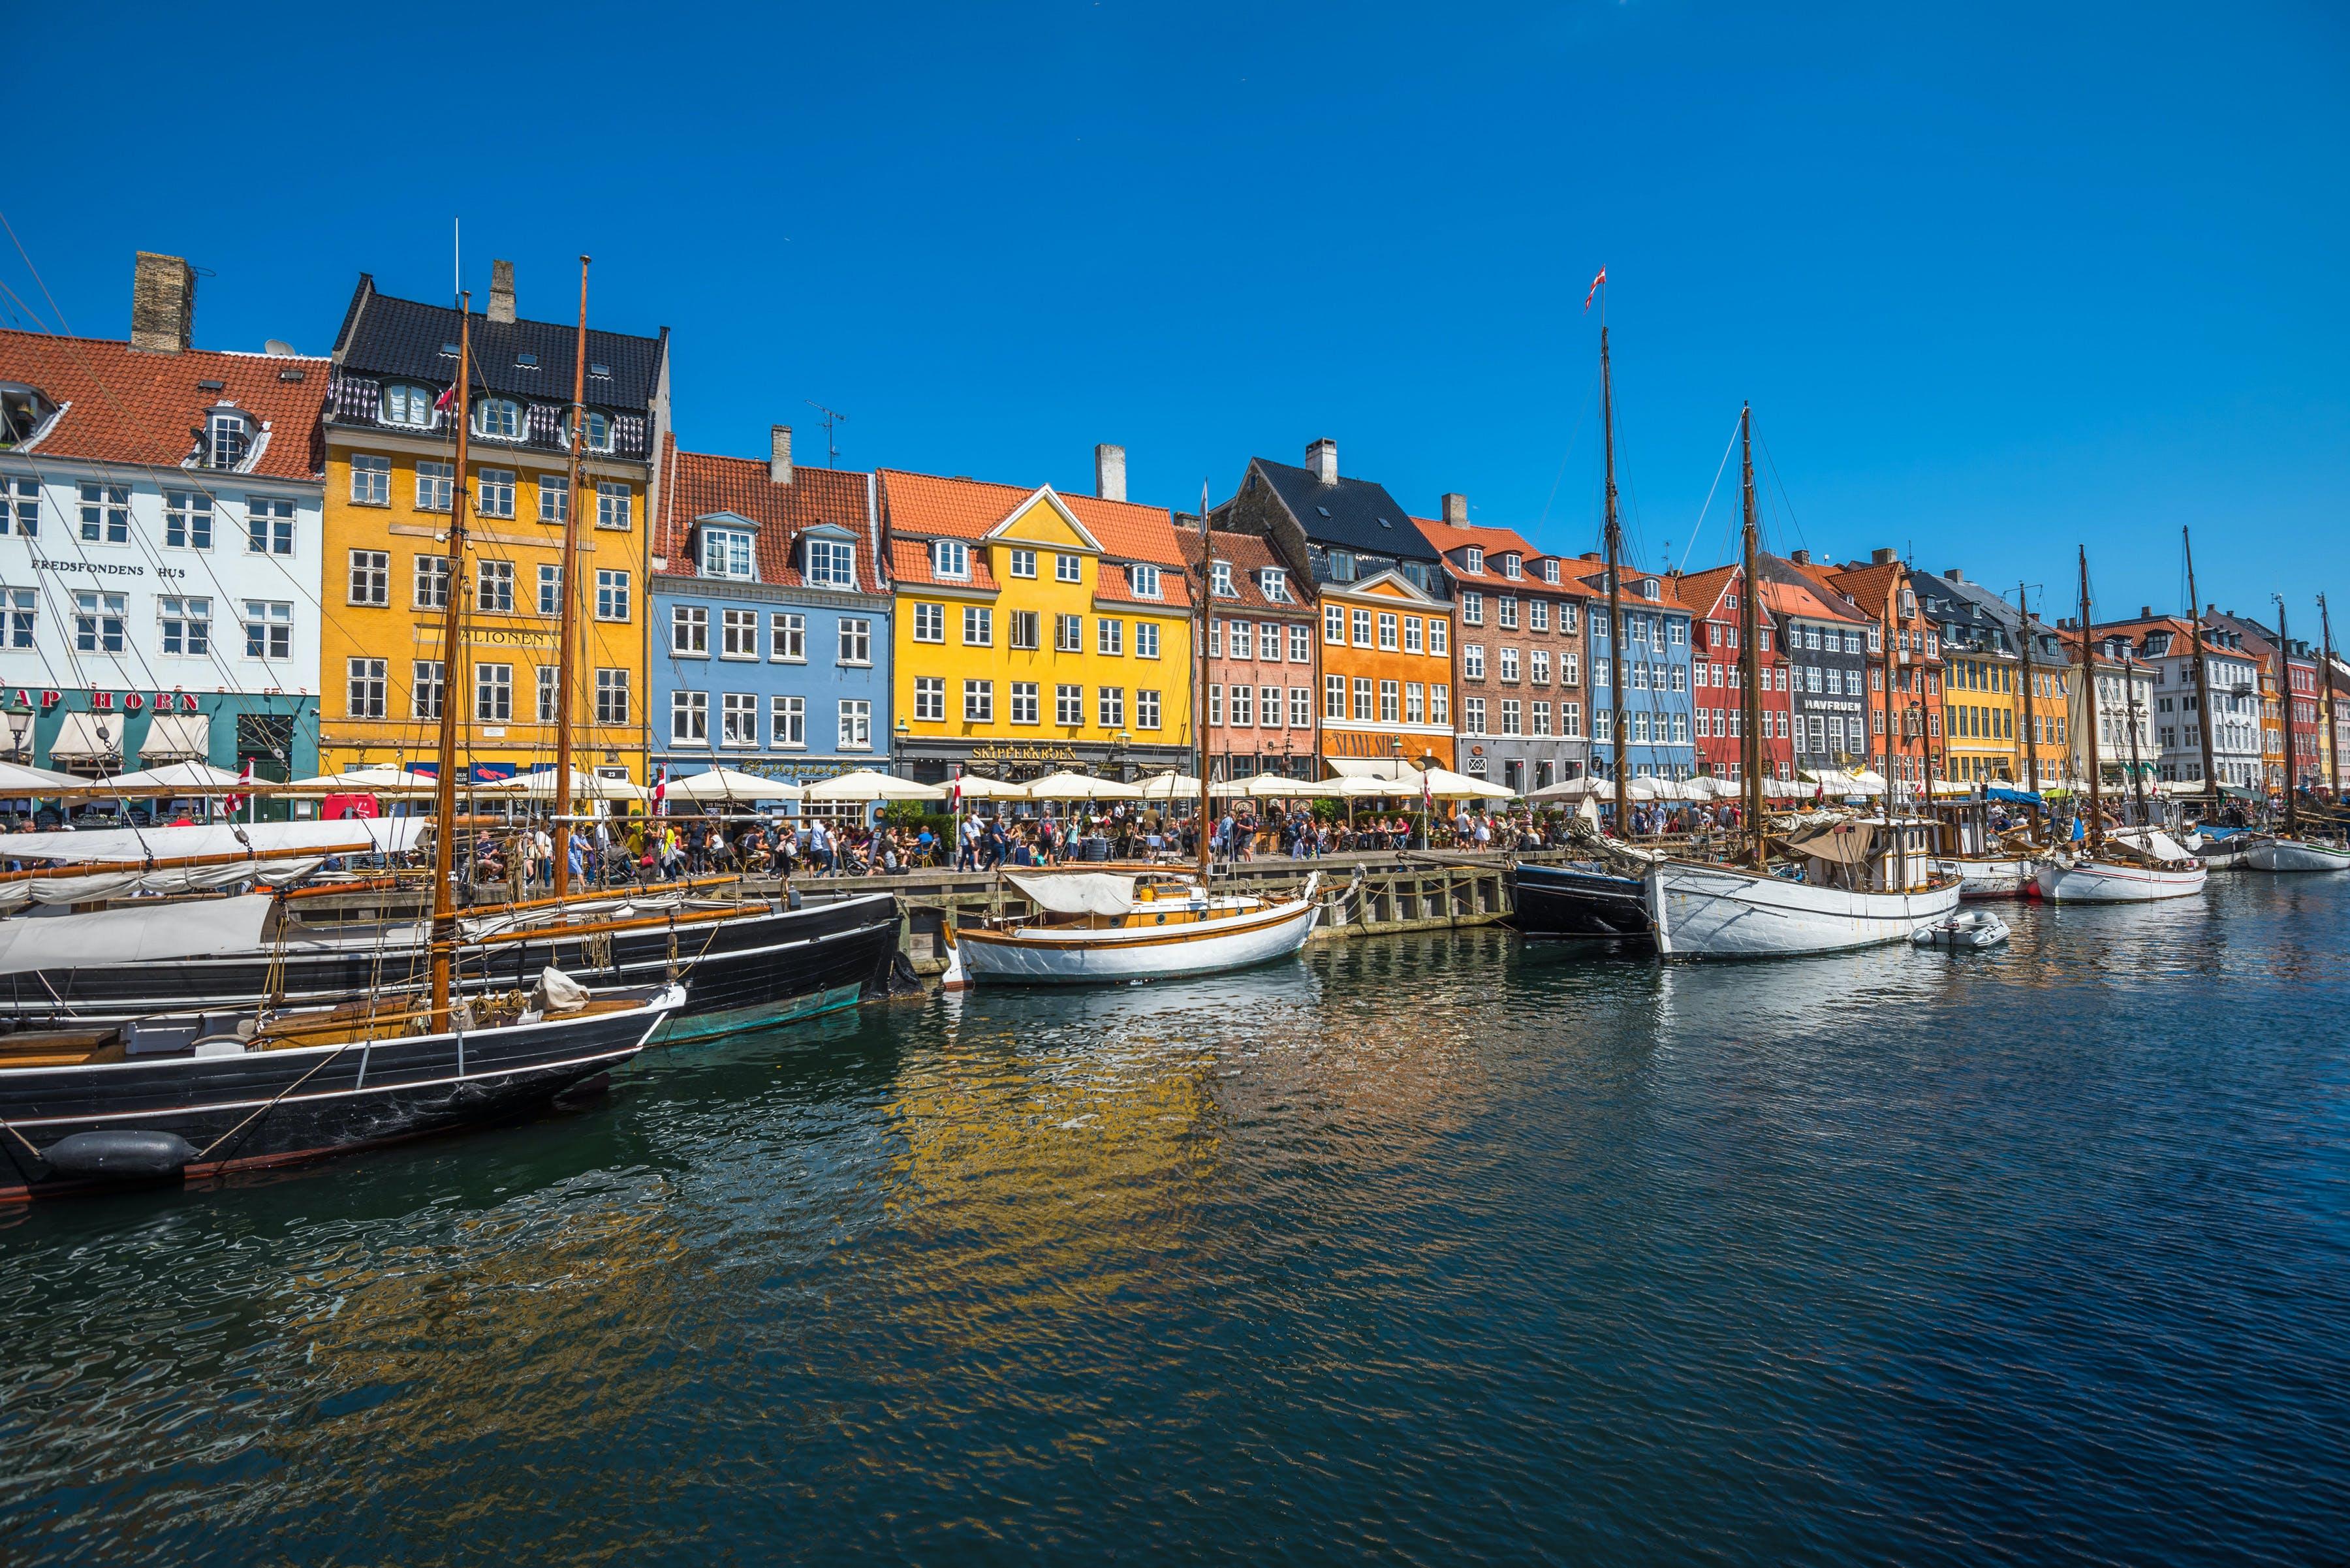 Ver la ciudad,Actividades,Visitas en barco o acuáticas,Actividades acuáticas,Barco turístico,Crucero canales de Copenhague